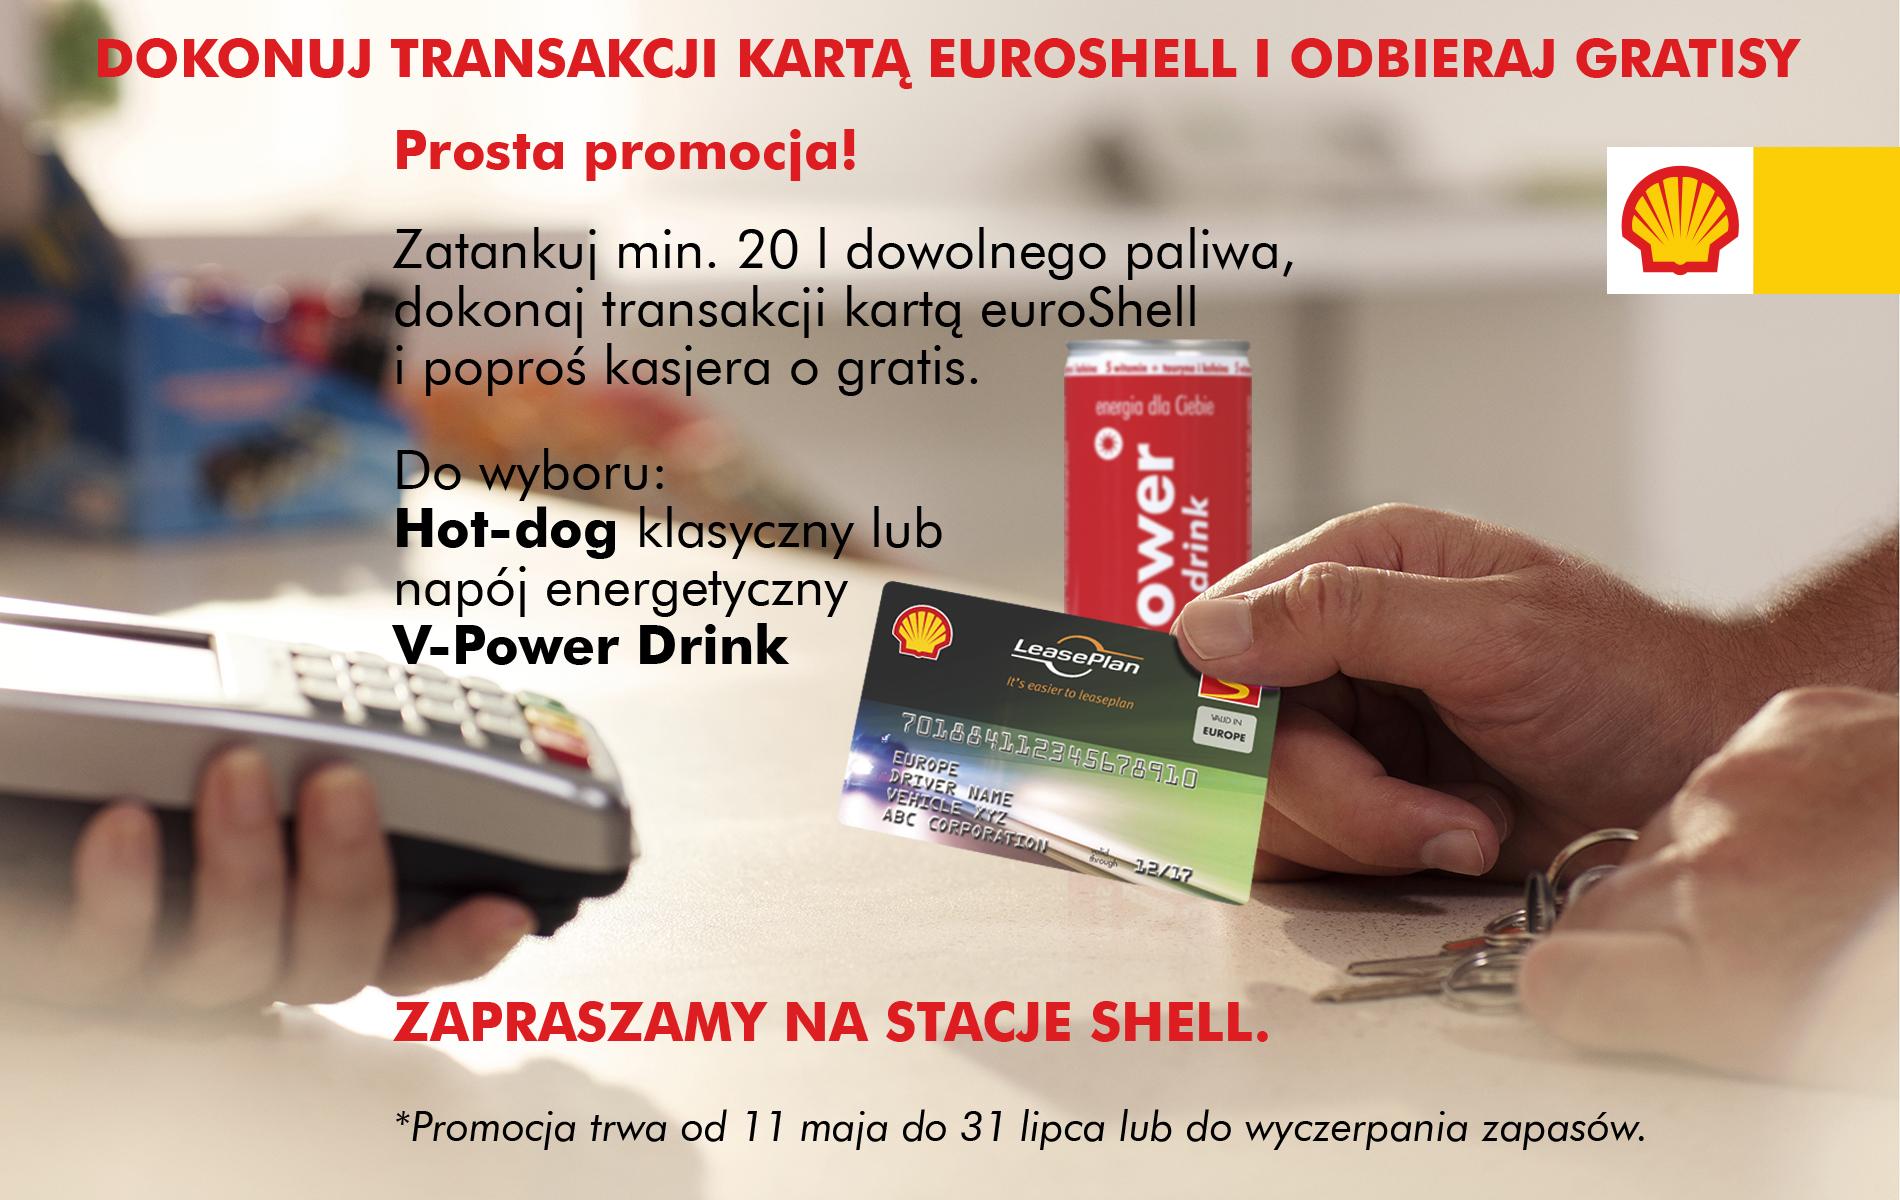 Dokonuj transakcji kartą euroShell i odbieraj gratisy !